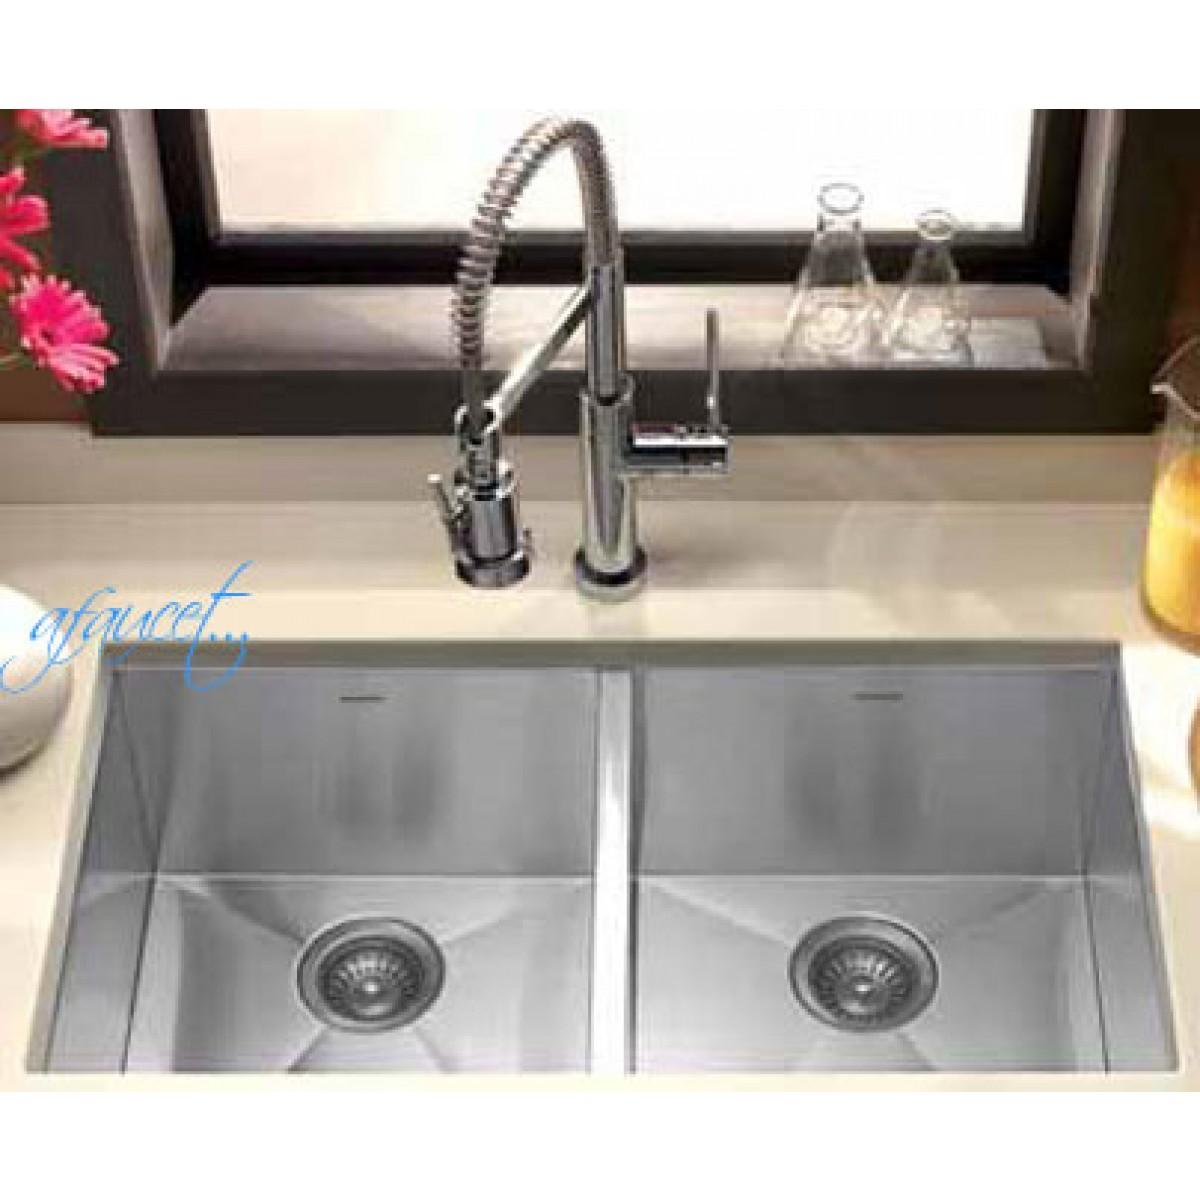 37 inch stainless steel undermount 50 50 double bowl kitchen sink zero radius design